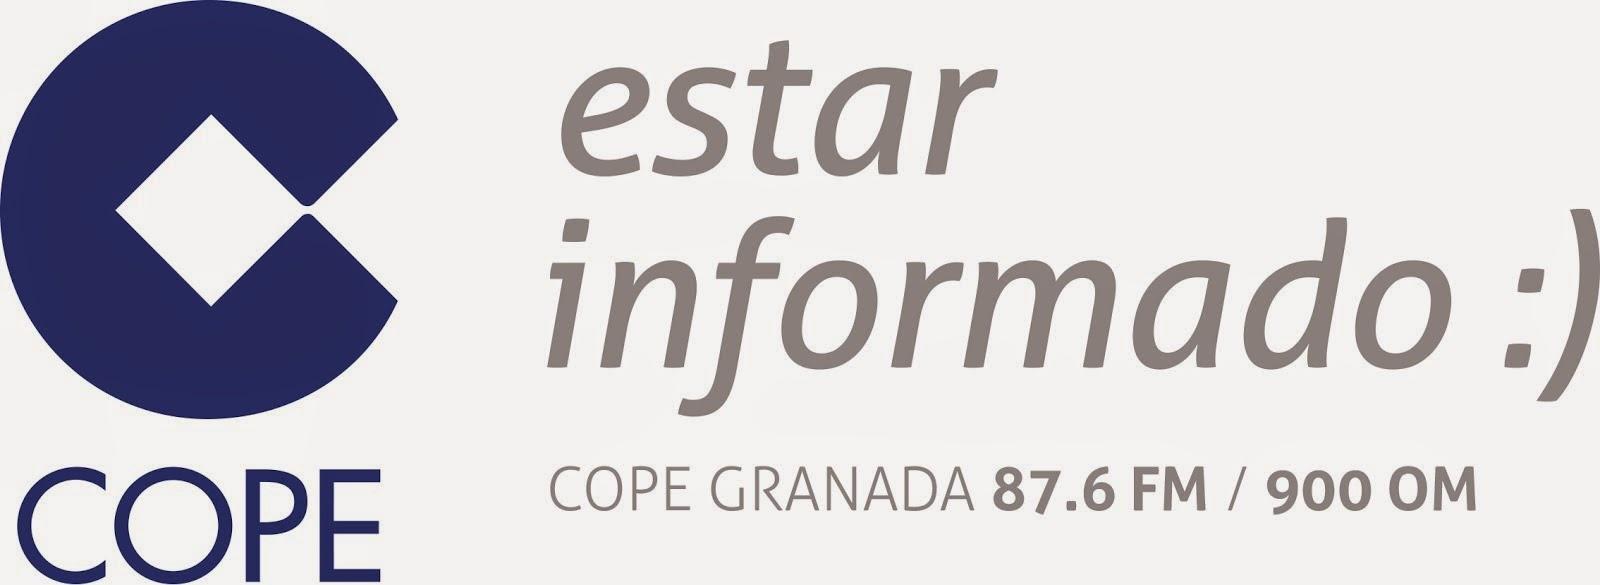 Cope-Granada